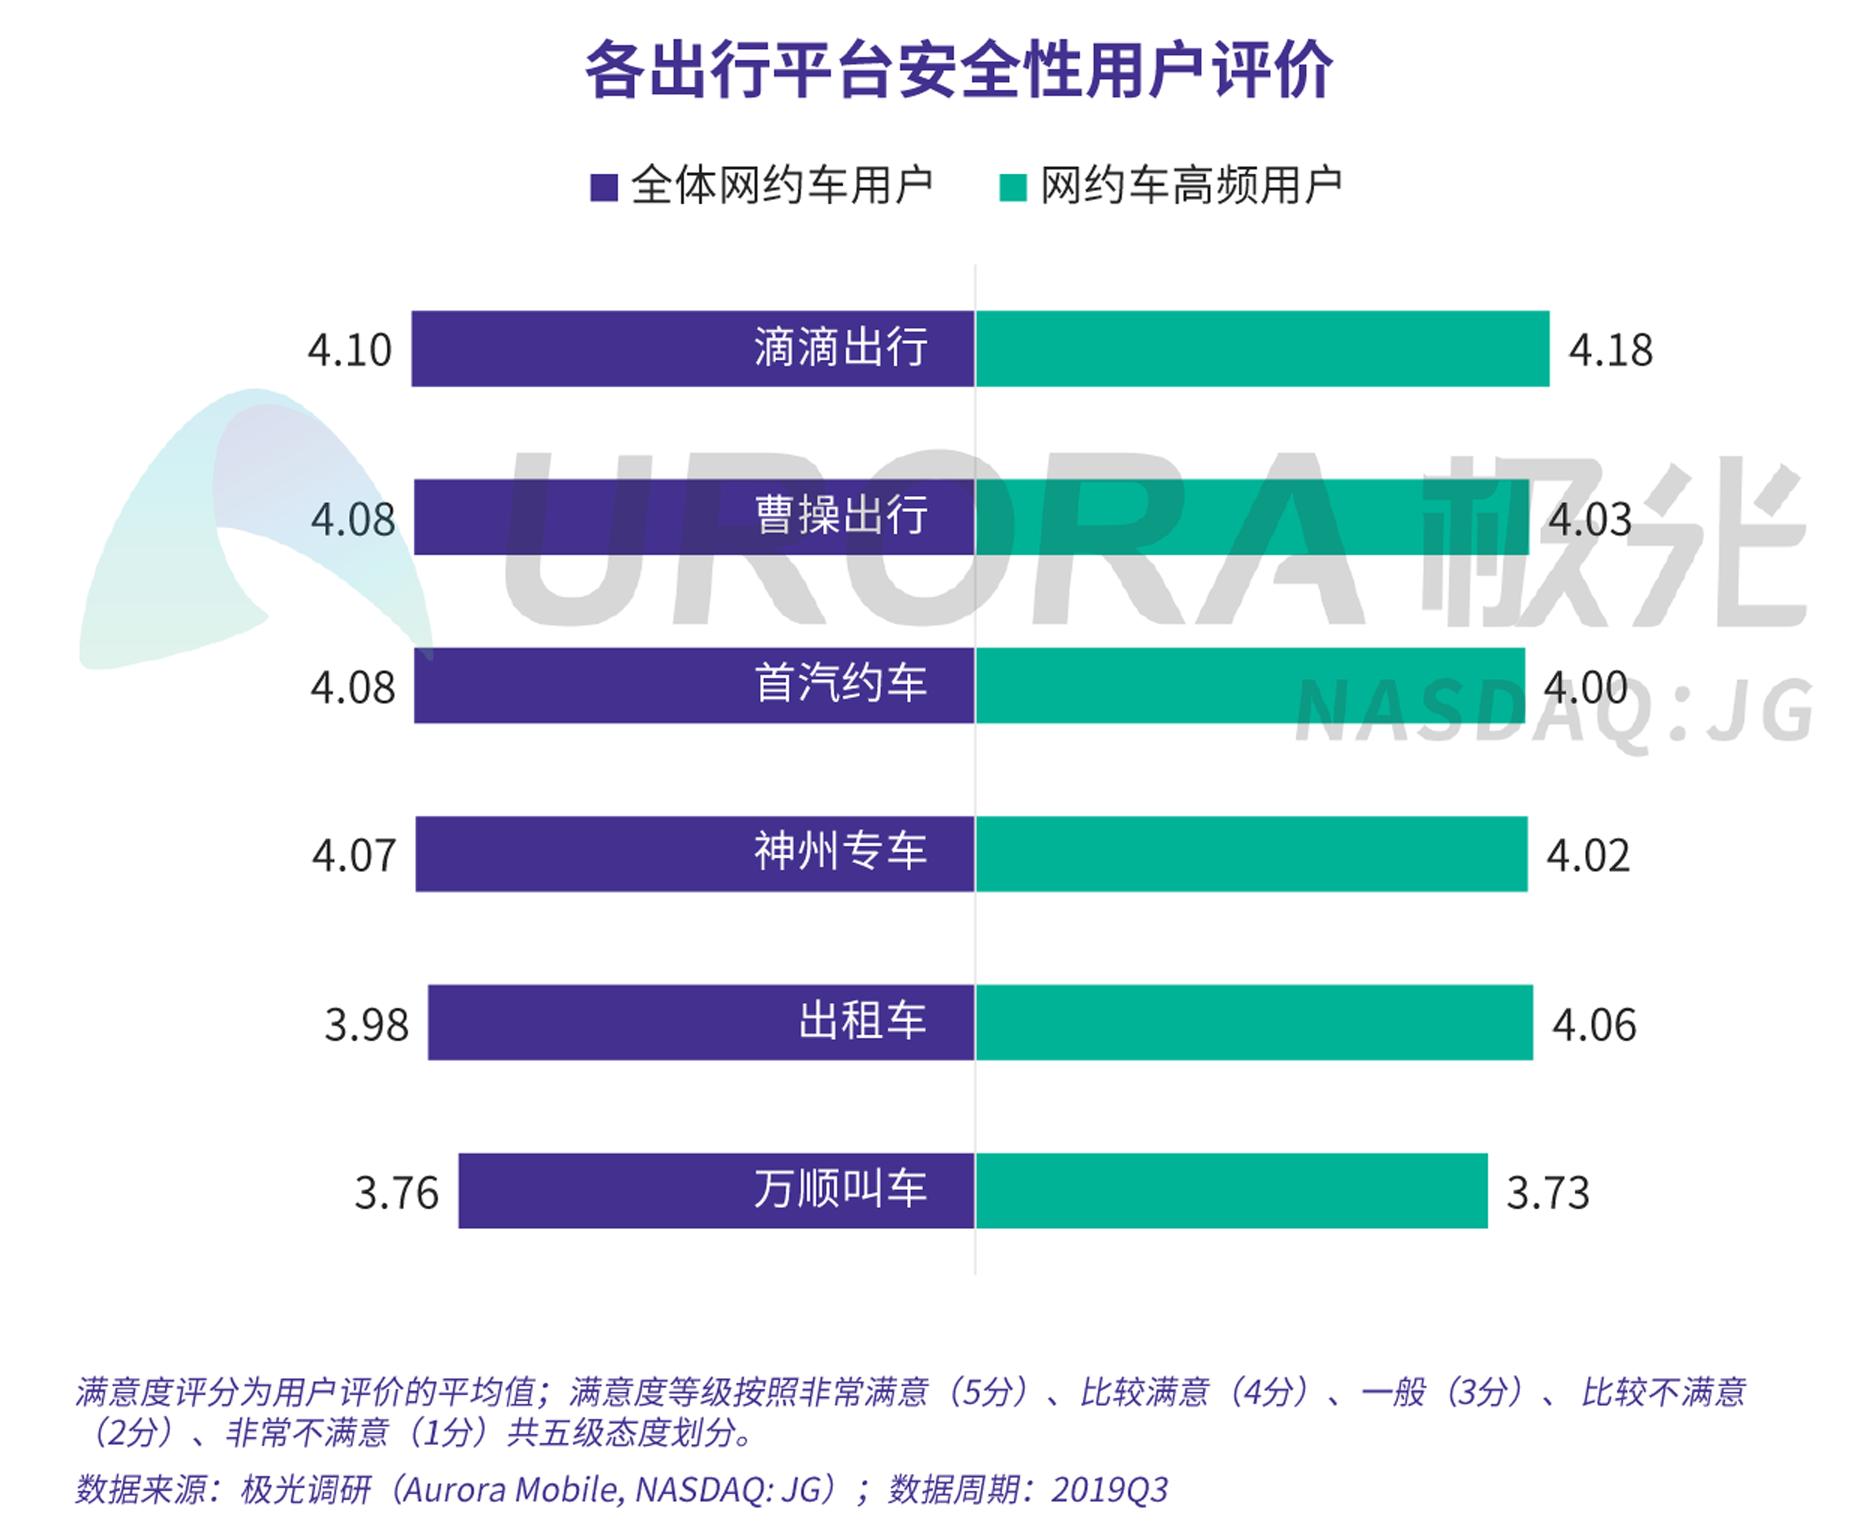 JIGUANG-网约车出行安全用户信心研究-新版-V4-14.png